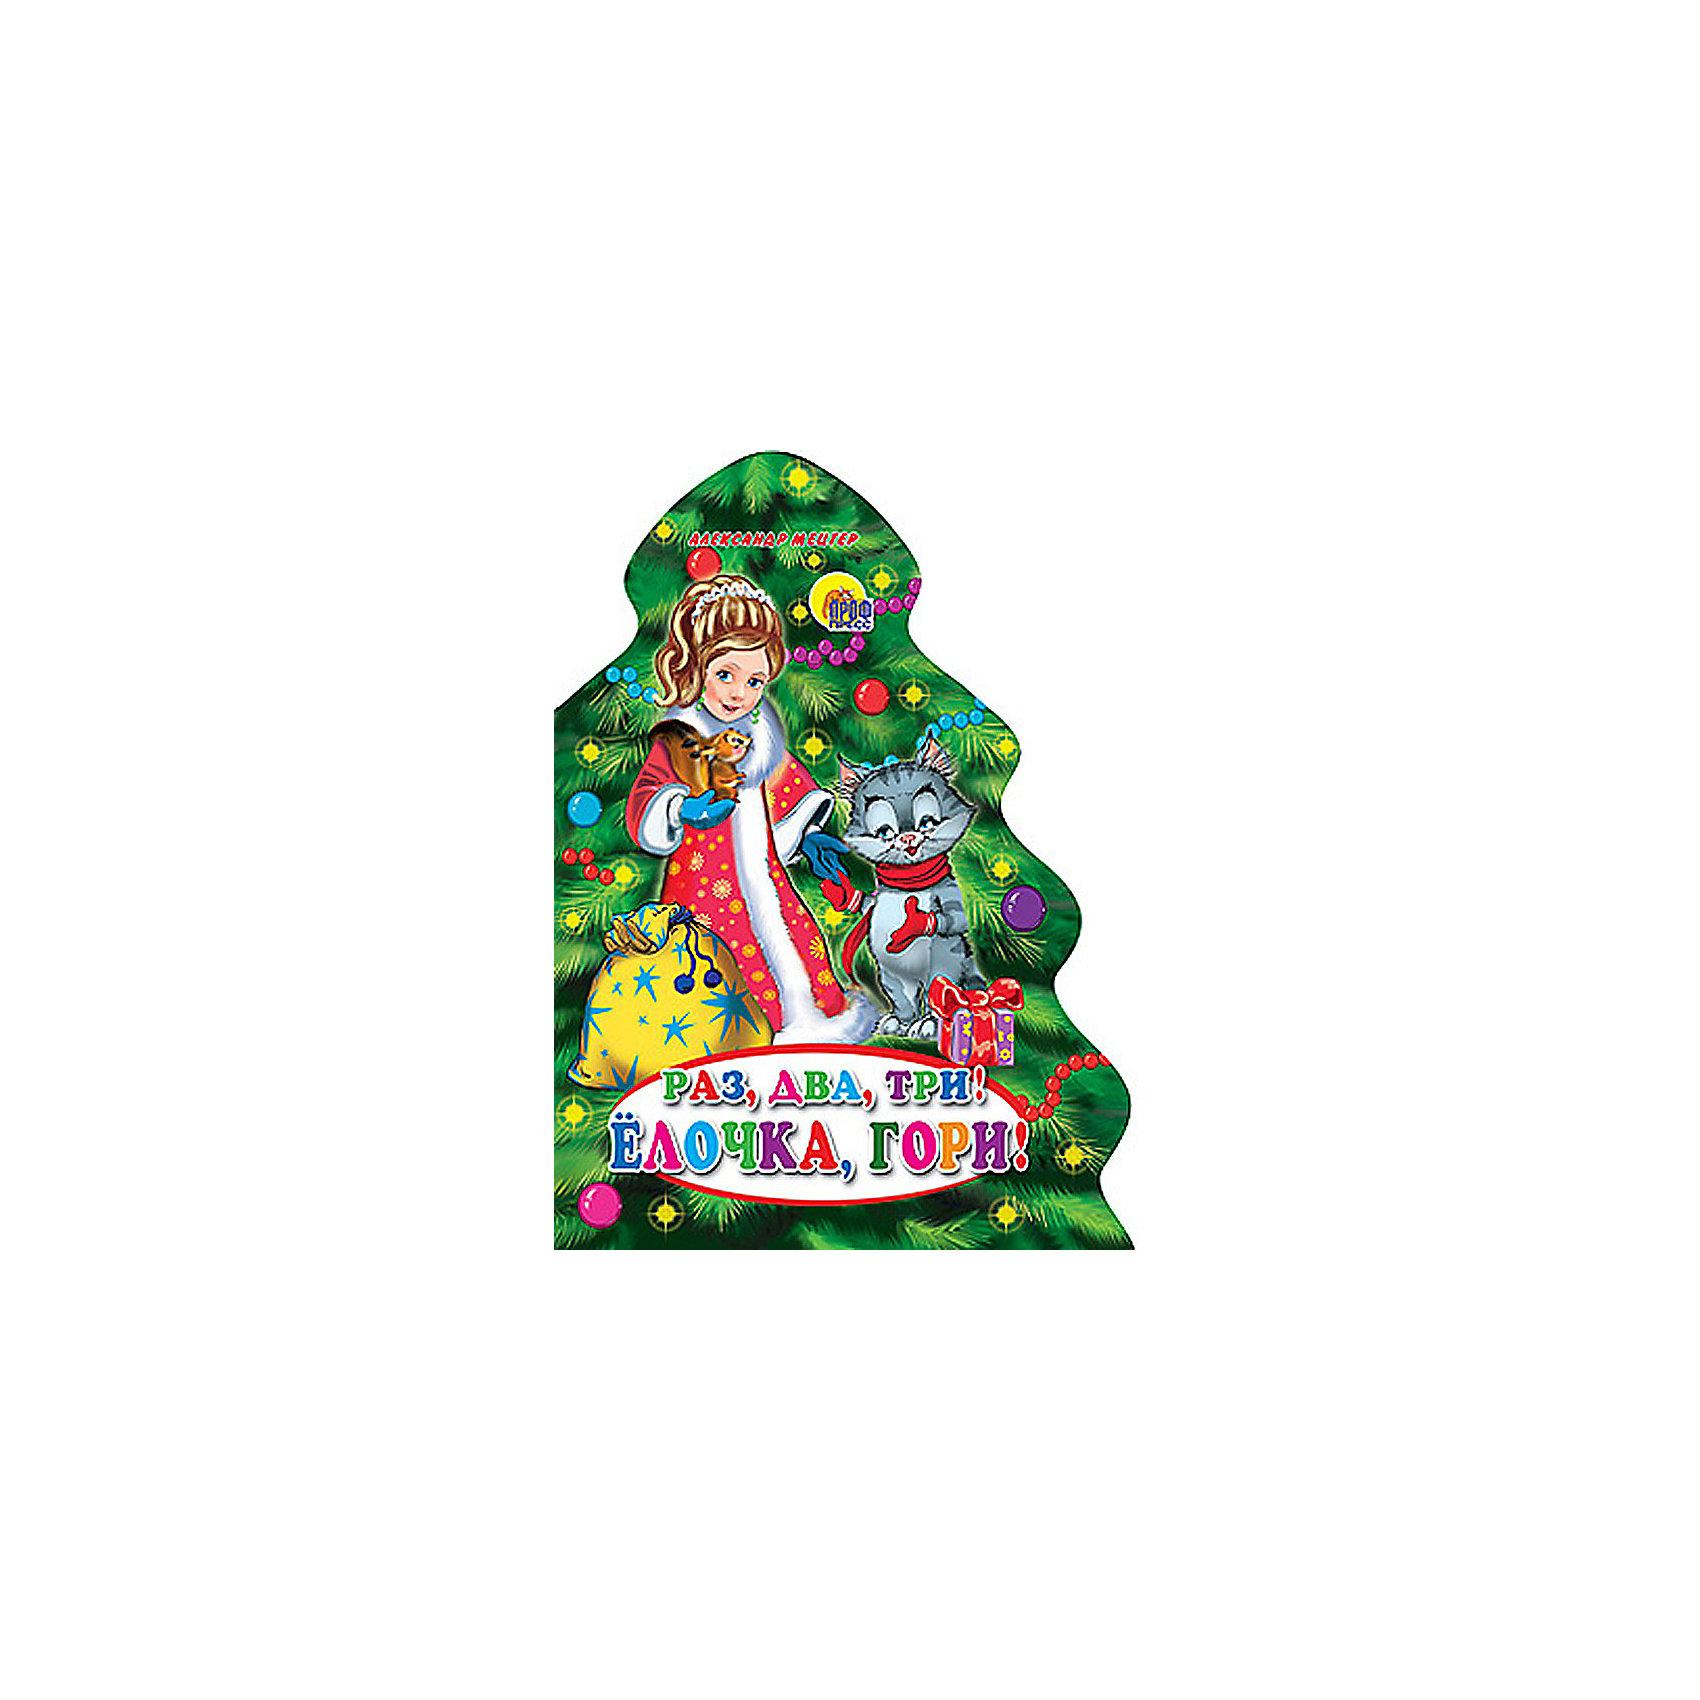 Книга с вырубкой Елки. Раз, два, три! Елочка, гори!Детская Новогодняя нижка с фигурной вырубкой. Хорошо подходит как для чтения детям, так и для подарка. Художник-иллюстратор: Есаулов И. Для чтения родителями детям. Материал: бумага плотный картон, обложка плотный картон. Книга содержит 12 стр.<br><br>Ширина мм: 157<br>Глубина мм: 5<br>Высота мм: 210<br>Вес г: 103<br>Возраст от месяцев: 12<br>Возраст до месяцев: 60<br>Пол: Унисекс<br>Возраст: Детский<br>SKU: 2559779